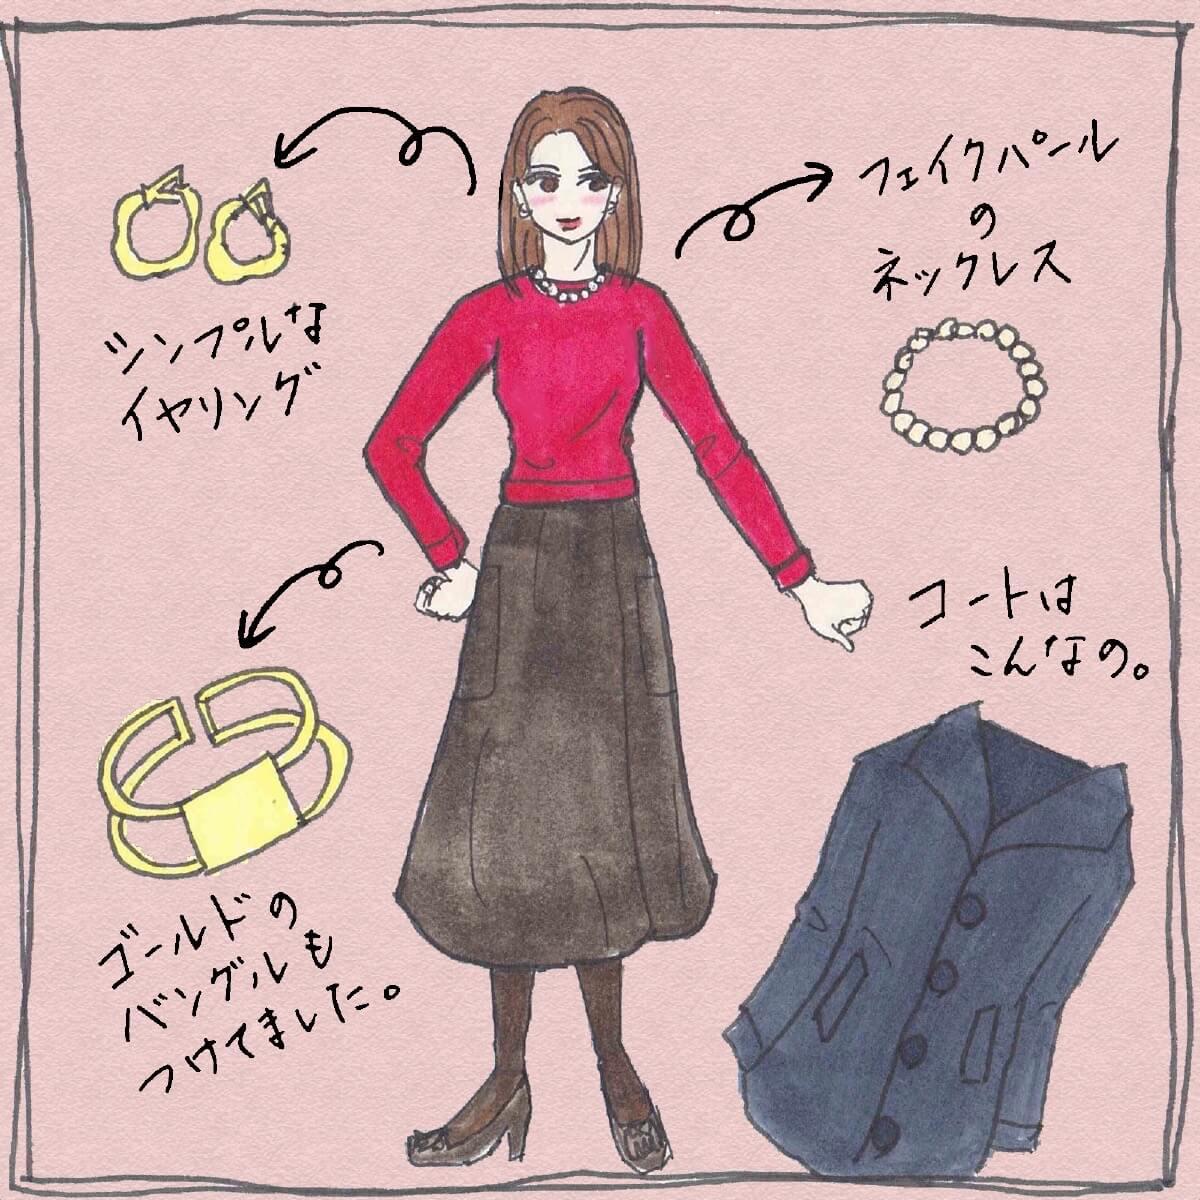 レッドのニットとブラウンのスカートのコーディネート